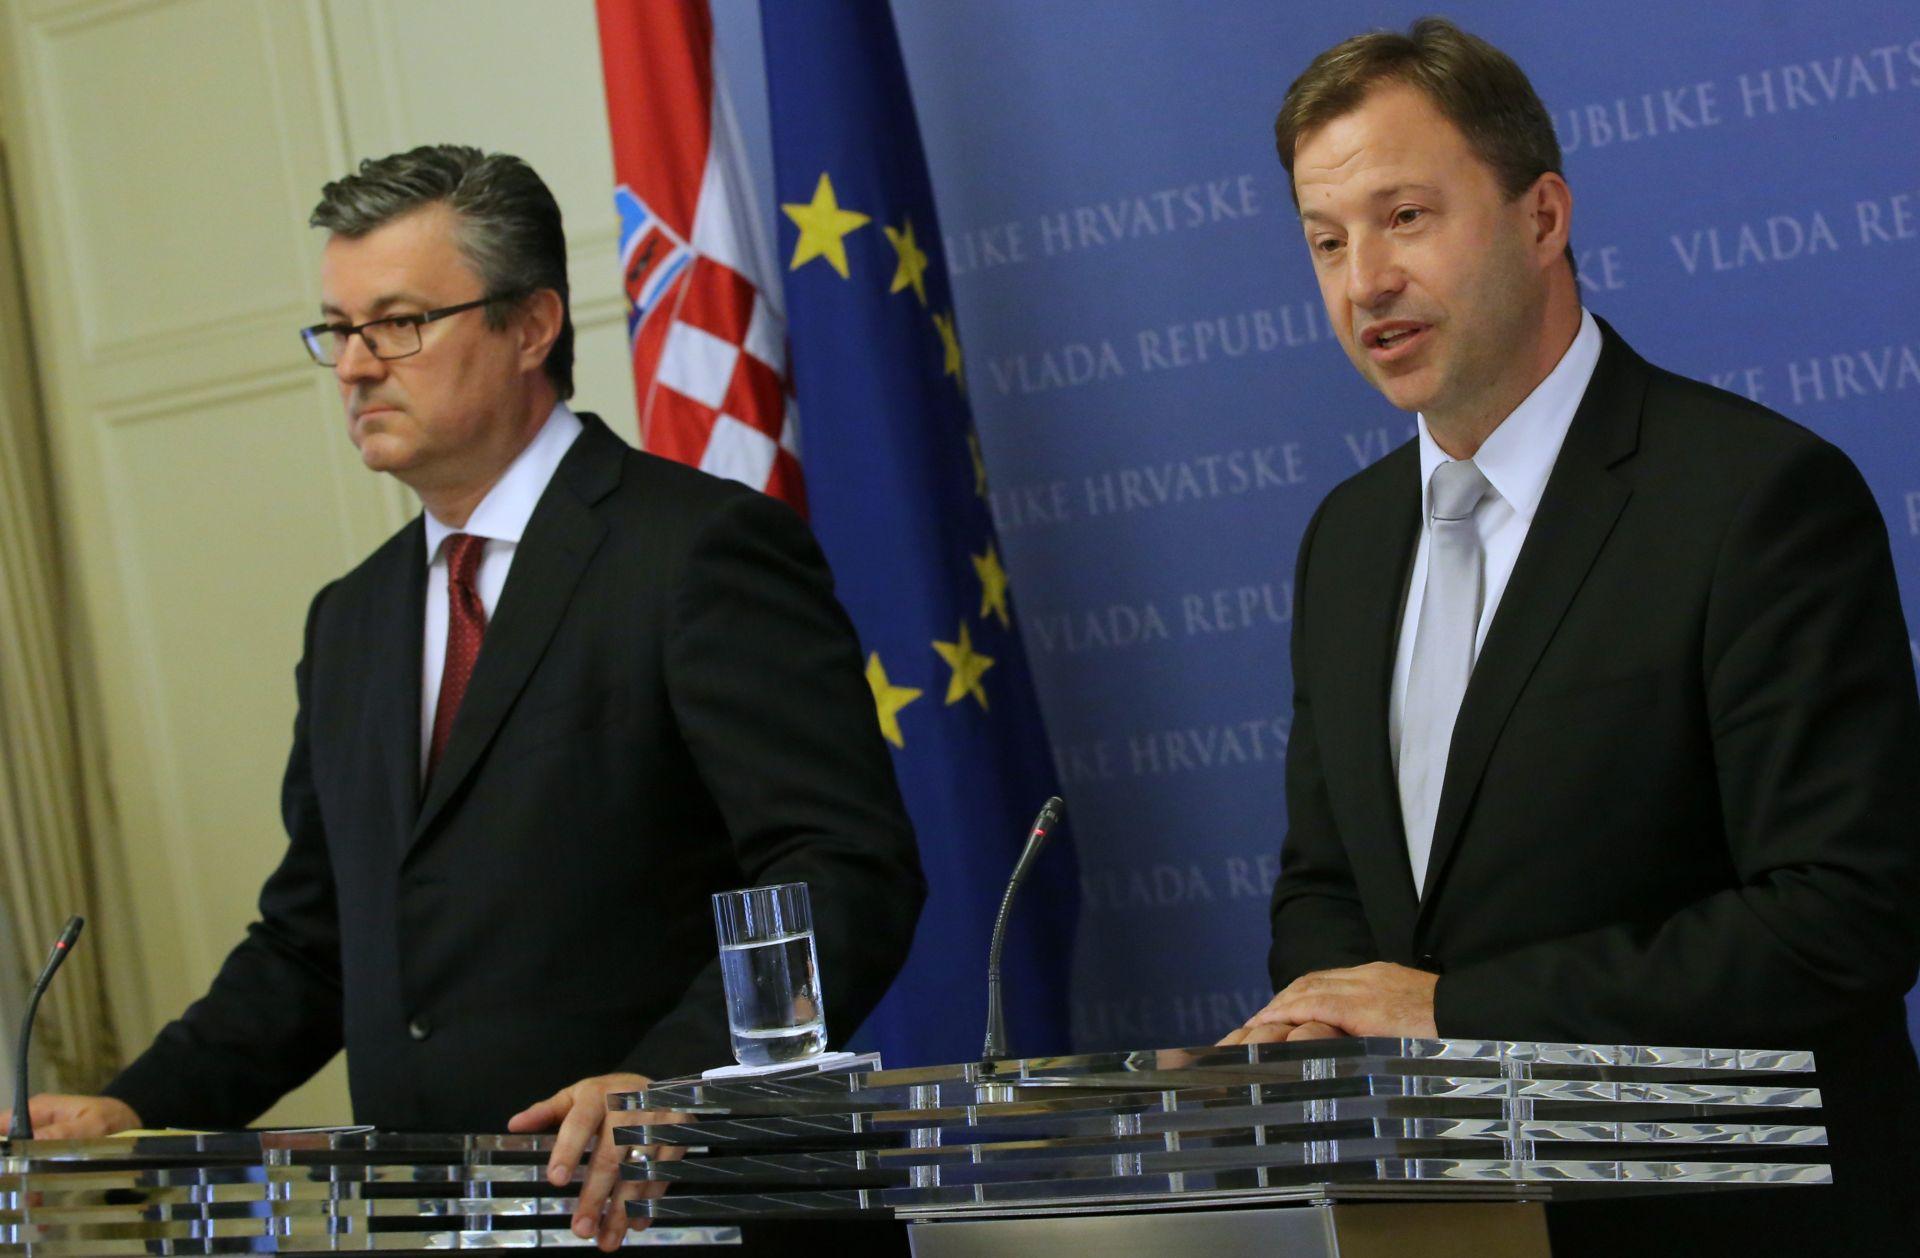 Tihomir Orešković iskazao podršku kandidatu za vukovarsko-srijemskog župana Tomislavu Paneniću